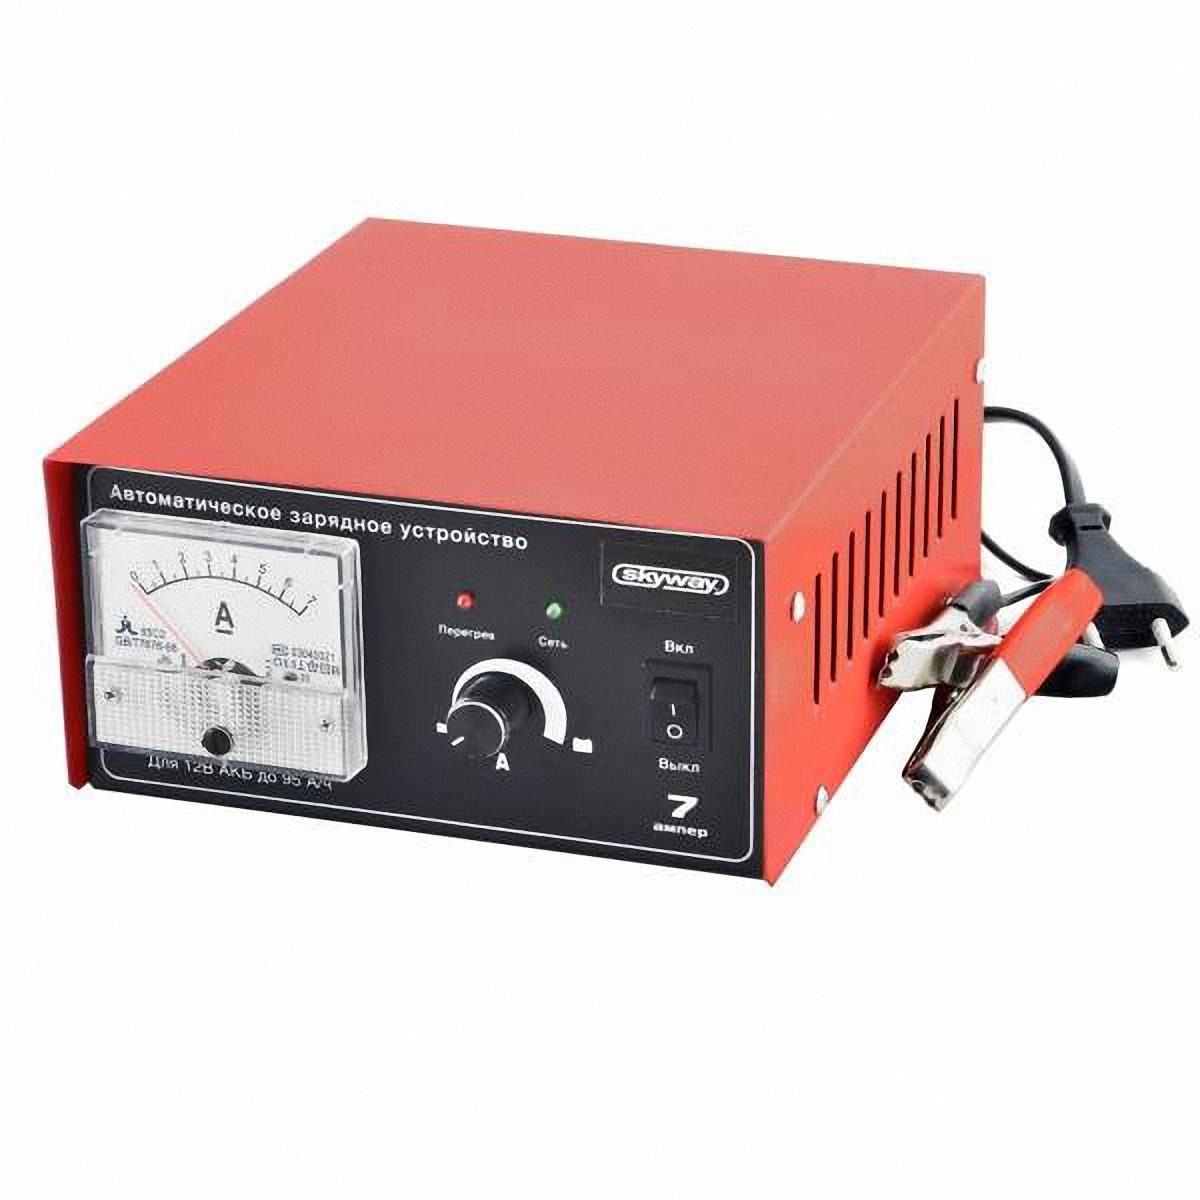 Устройство зарядное для аккумулятора Skyway. S03801001S03801001Импульсное автоматическое зарядно-предпусковое устройство для всех типов аккумуляторных батарей 7А. Особенности: Оптимальное сочетание напряжения и тока. Зарядка необслуживаемых АКБ. Зарядка без отключения и снятия АКБ с автомобиля. Использование в качестве источника питания. Защита неправильного подключения. Защита от перегрузок и короткого замыкания. Защита от перегрева. Для аккумуляторных батарей 12 В. Емкость аккумуляторной батареи - до 95 А/ч. Напряжение питания сети - 180-240В/50 Гц. Потребляемый ток - 0.7 А. Потребляемая мощность - 140 ВТ. Максимальное выходное напряжение - 14,8 В. Ток зарядки - 0,4-7 А.